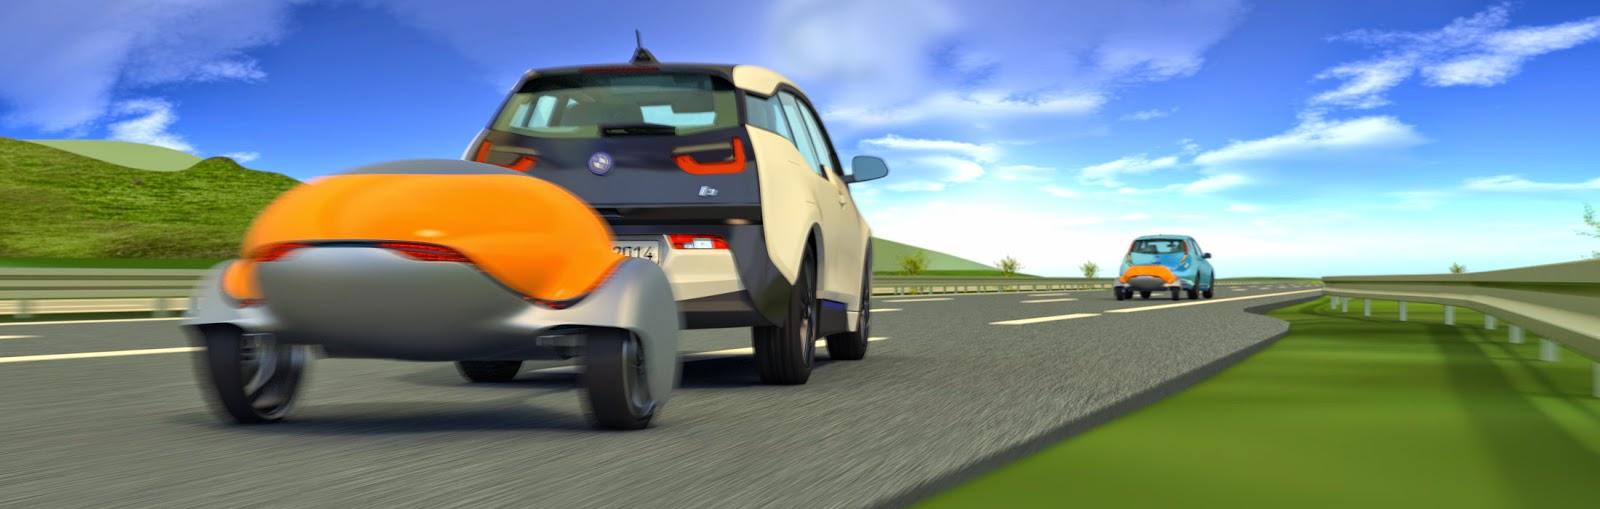 Nomadic Range Extender For The Nissan Leaf And Bmw I3